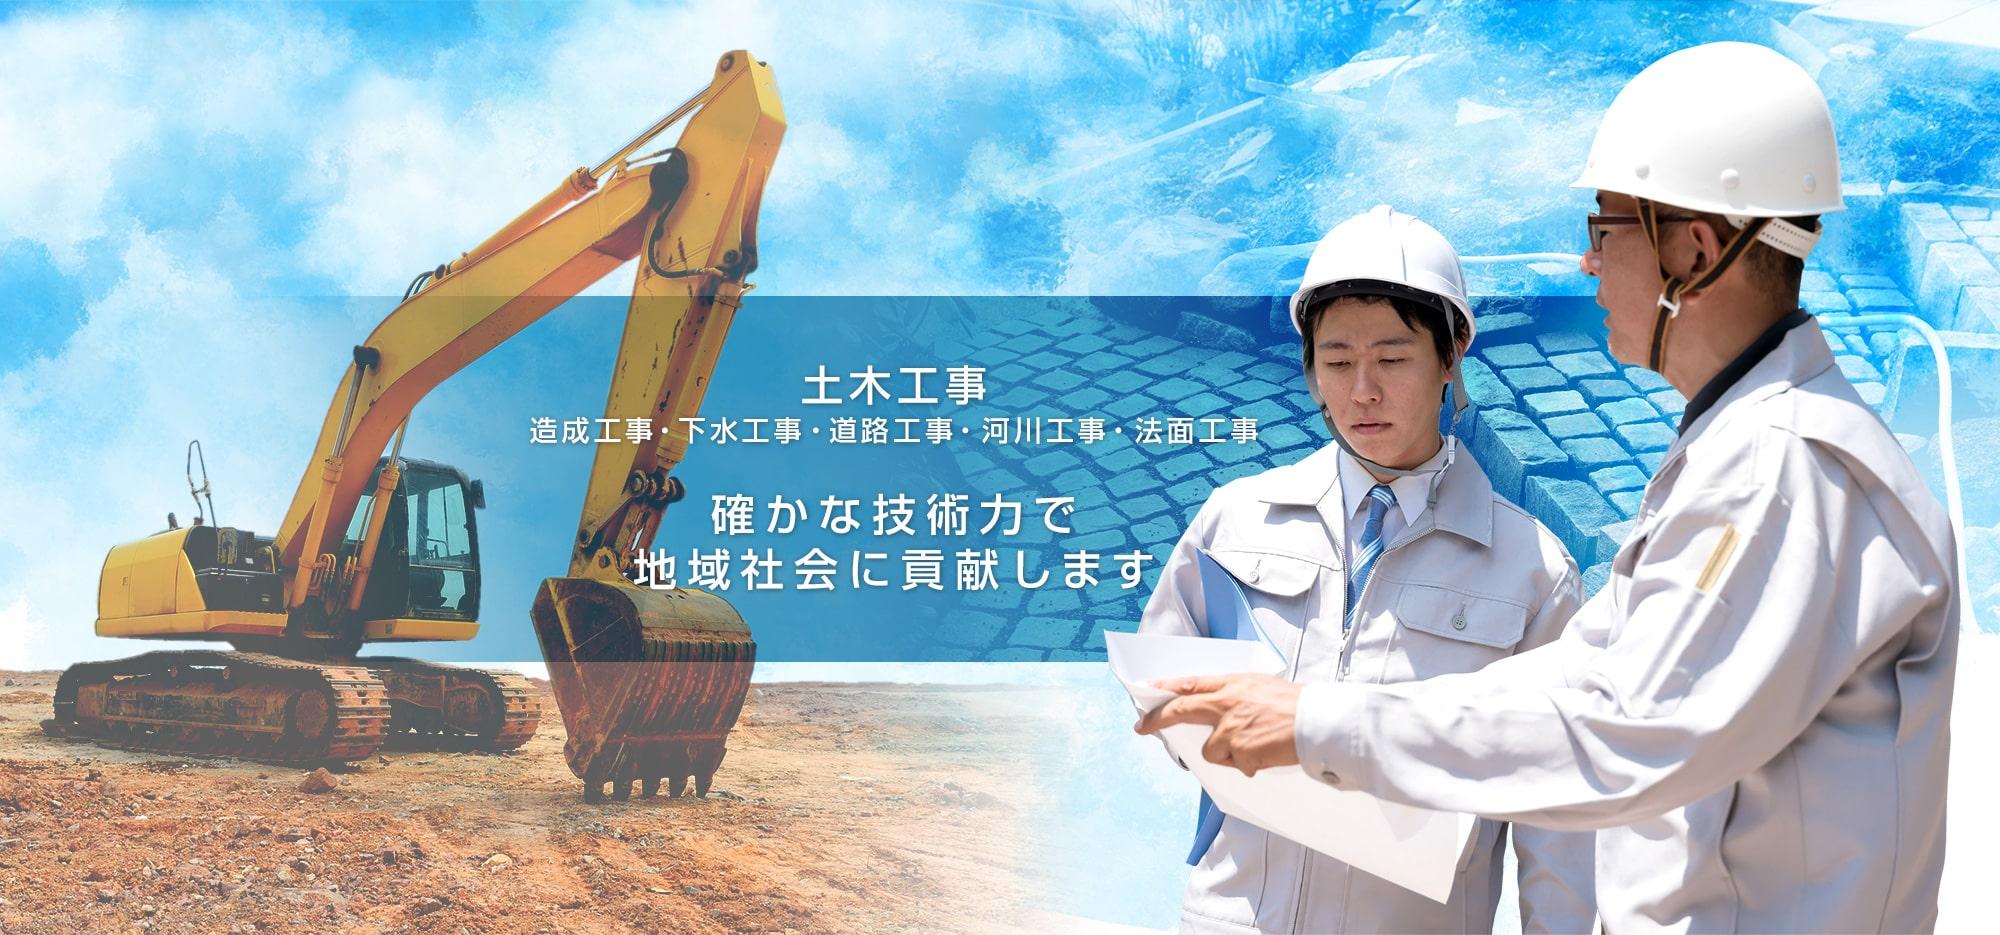 土木工事 造成工事・下水工事・道路工事・河川工事・法面工事 確かな技術力で地域社会に貢献します